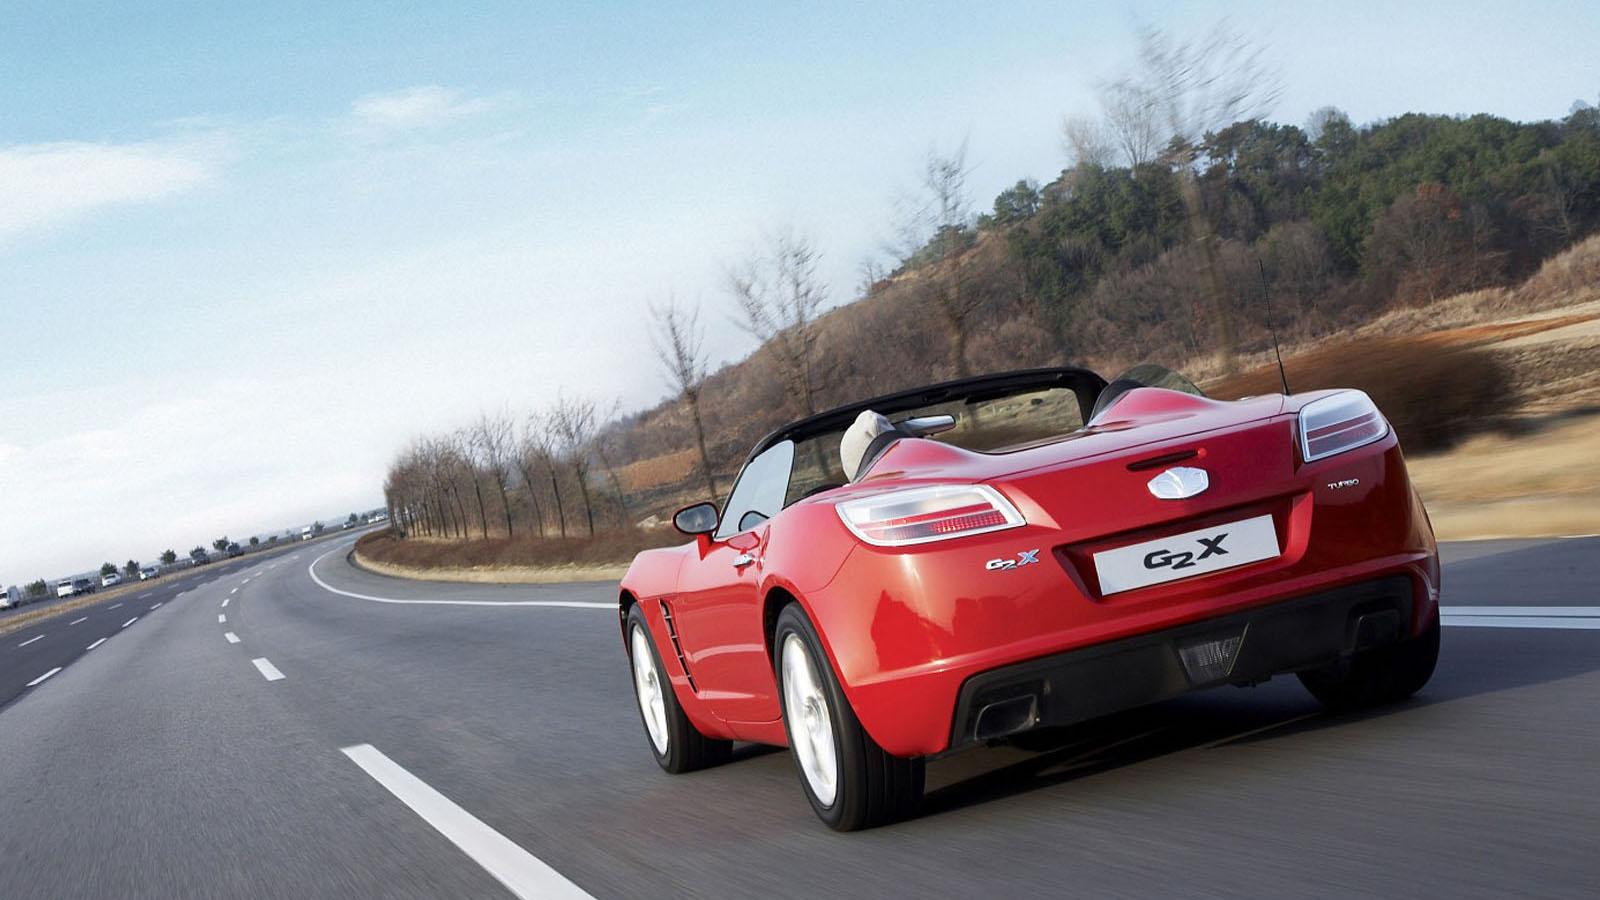 2007-GM_Daewoo_G2X-6